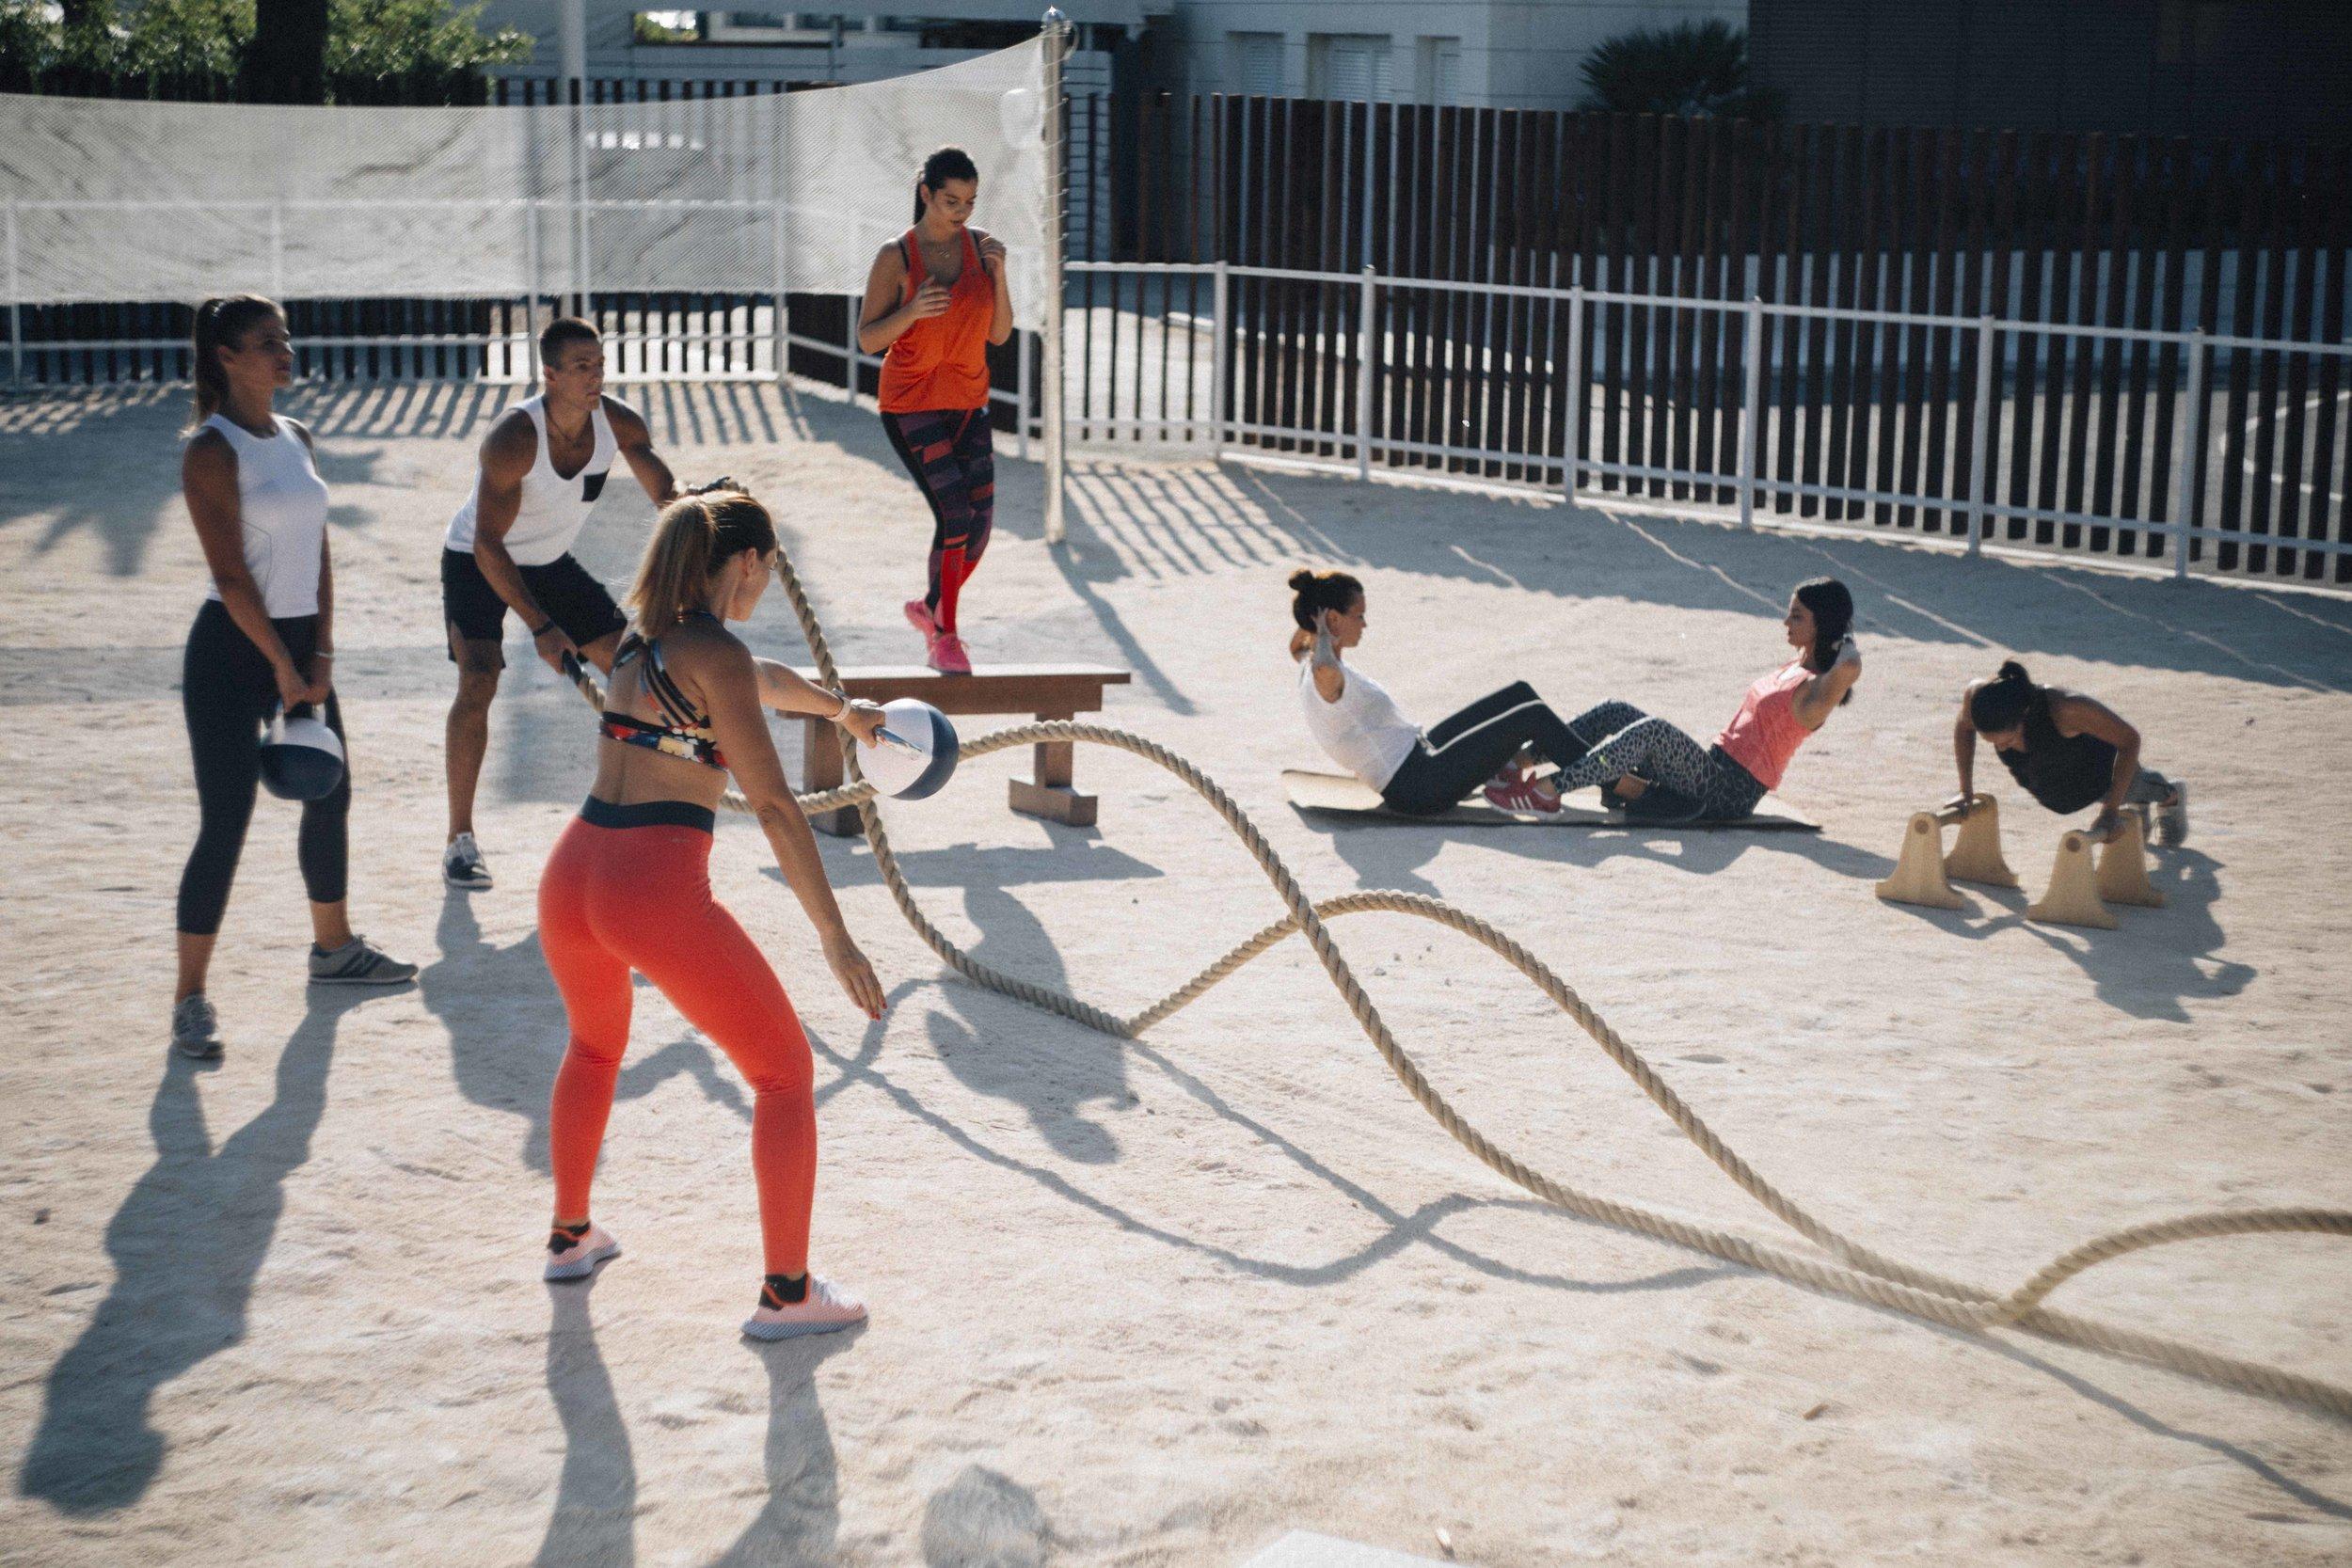 biofit outdoor gym design